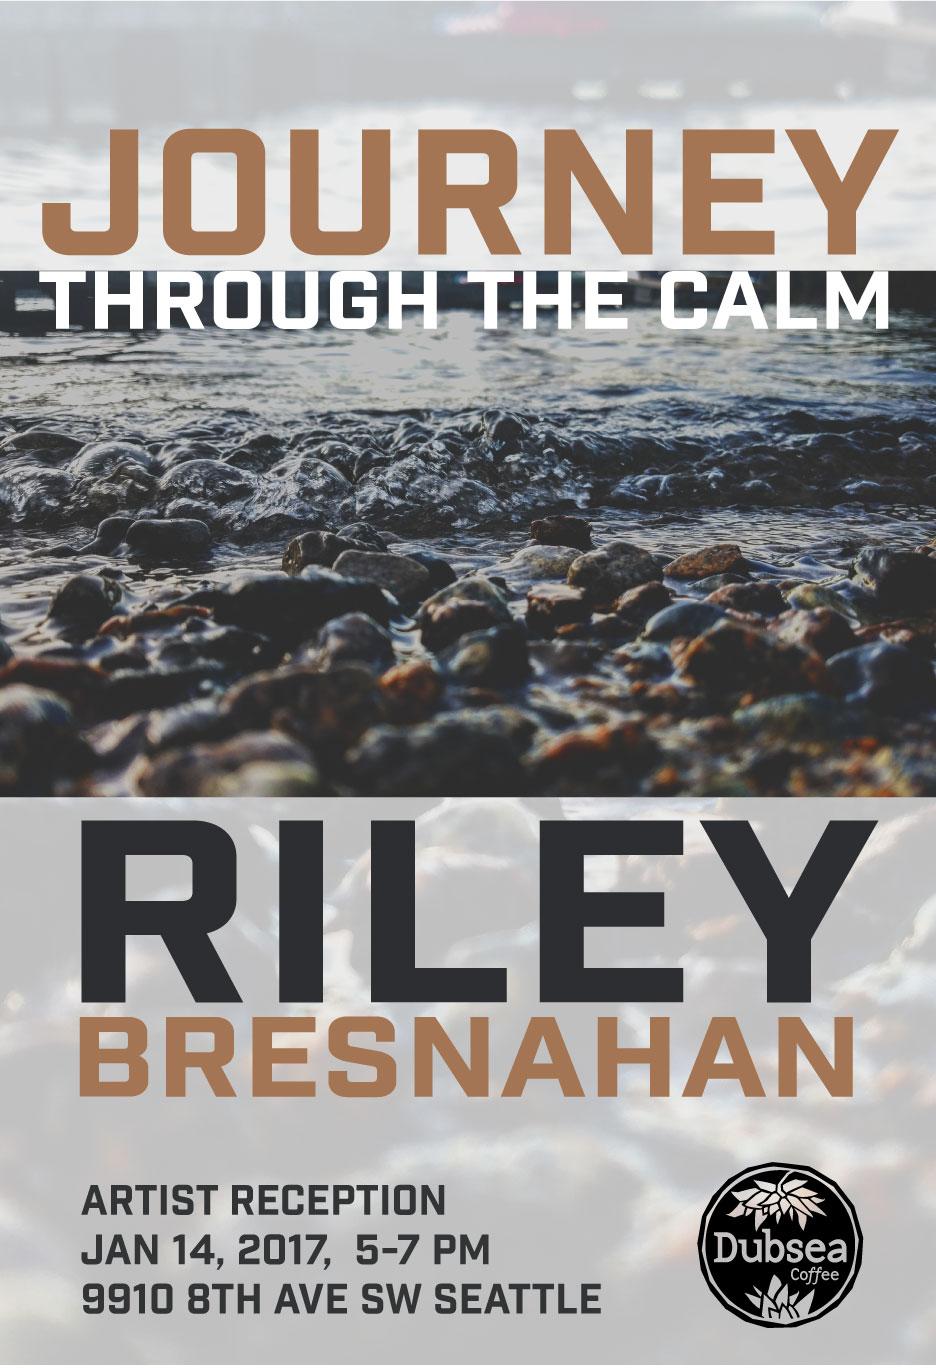 RileyBresnahanPoster.jpg